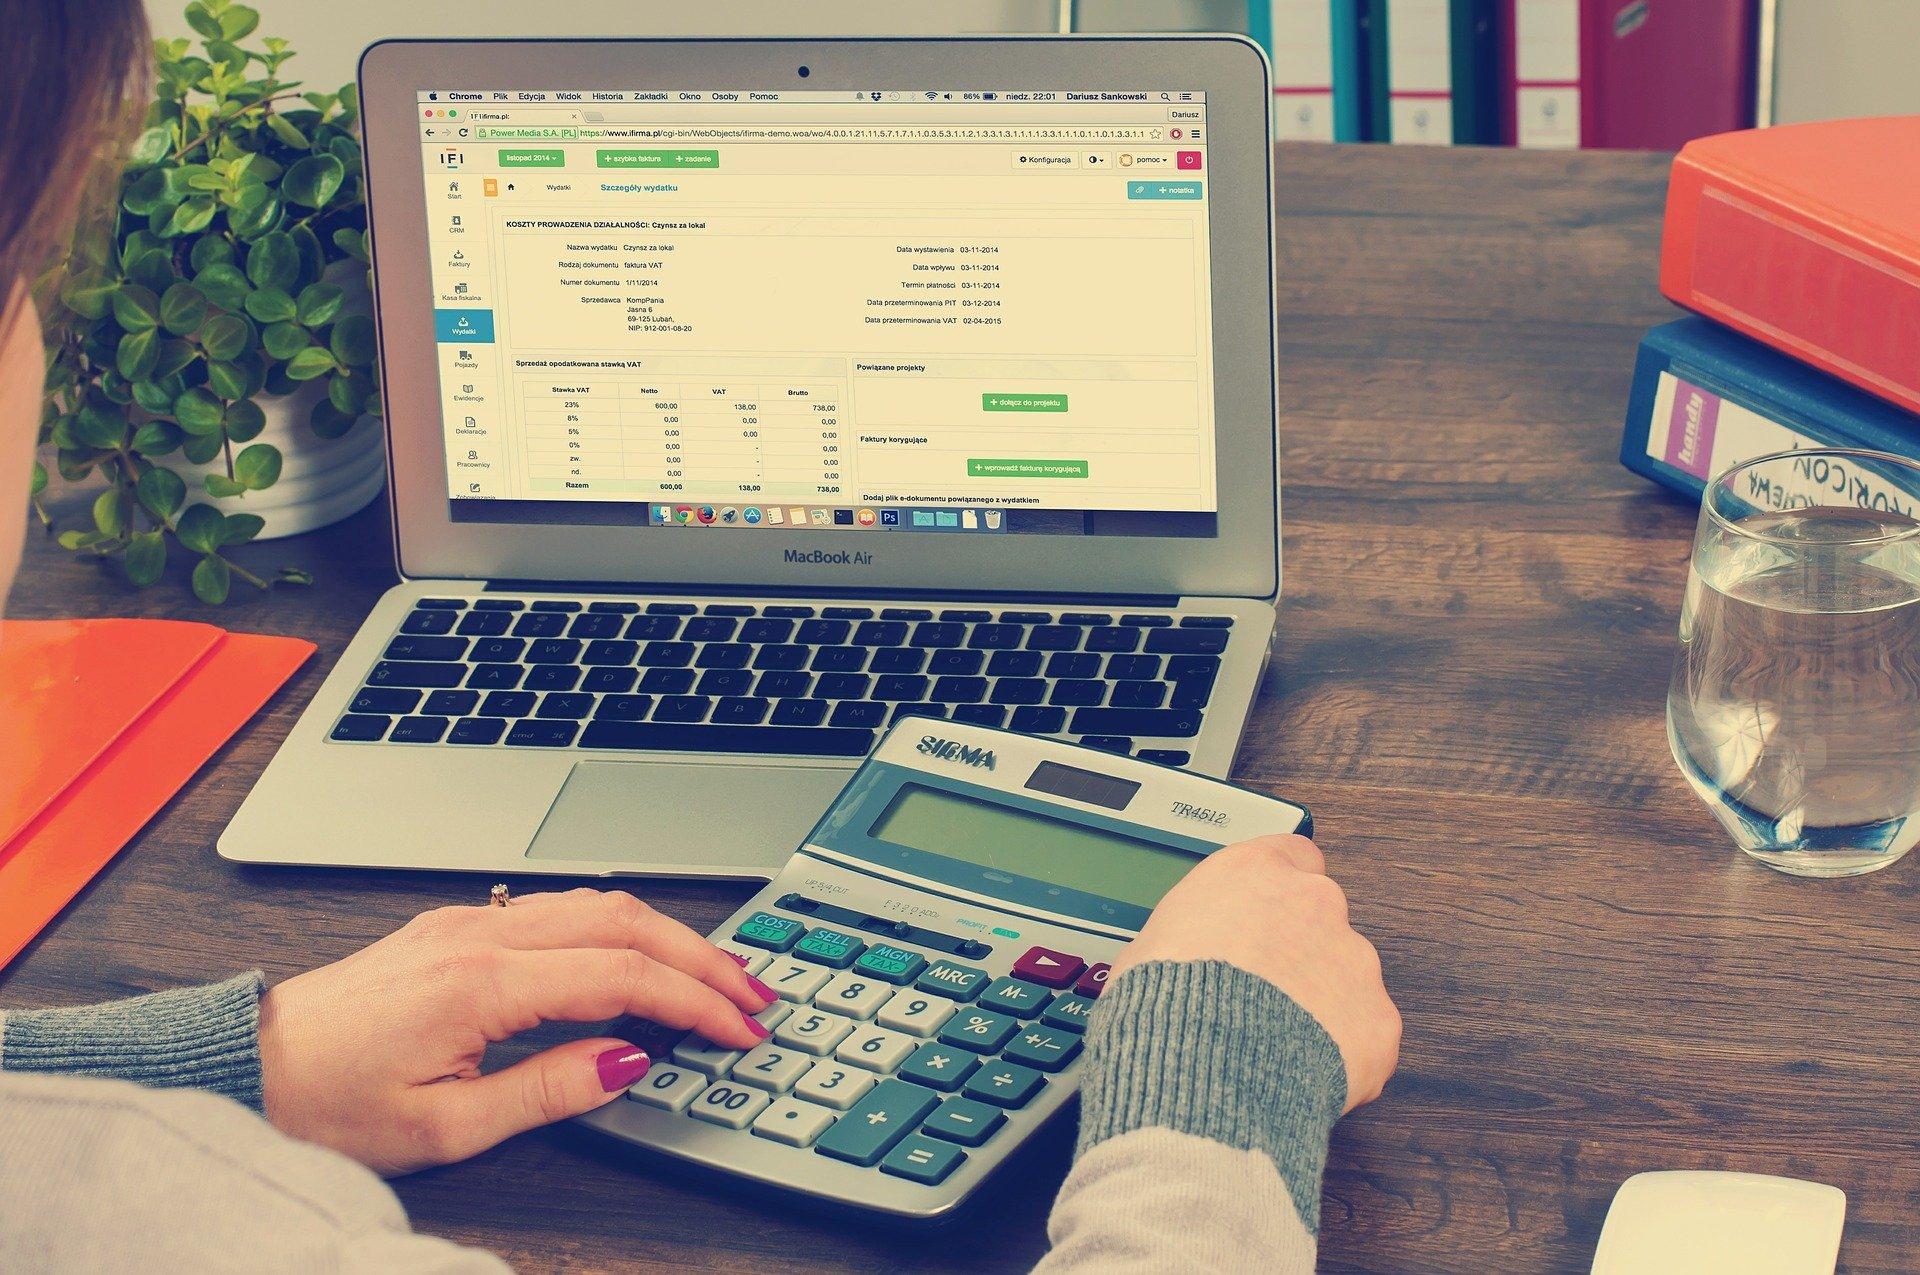 libros de contabilidad basica gratis para descargar